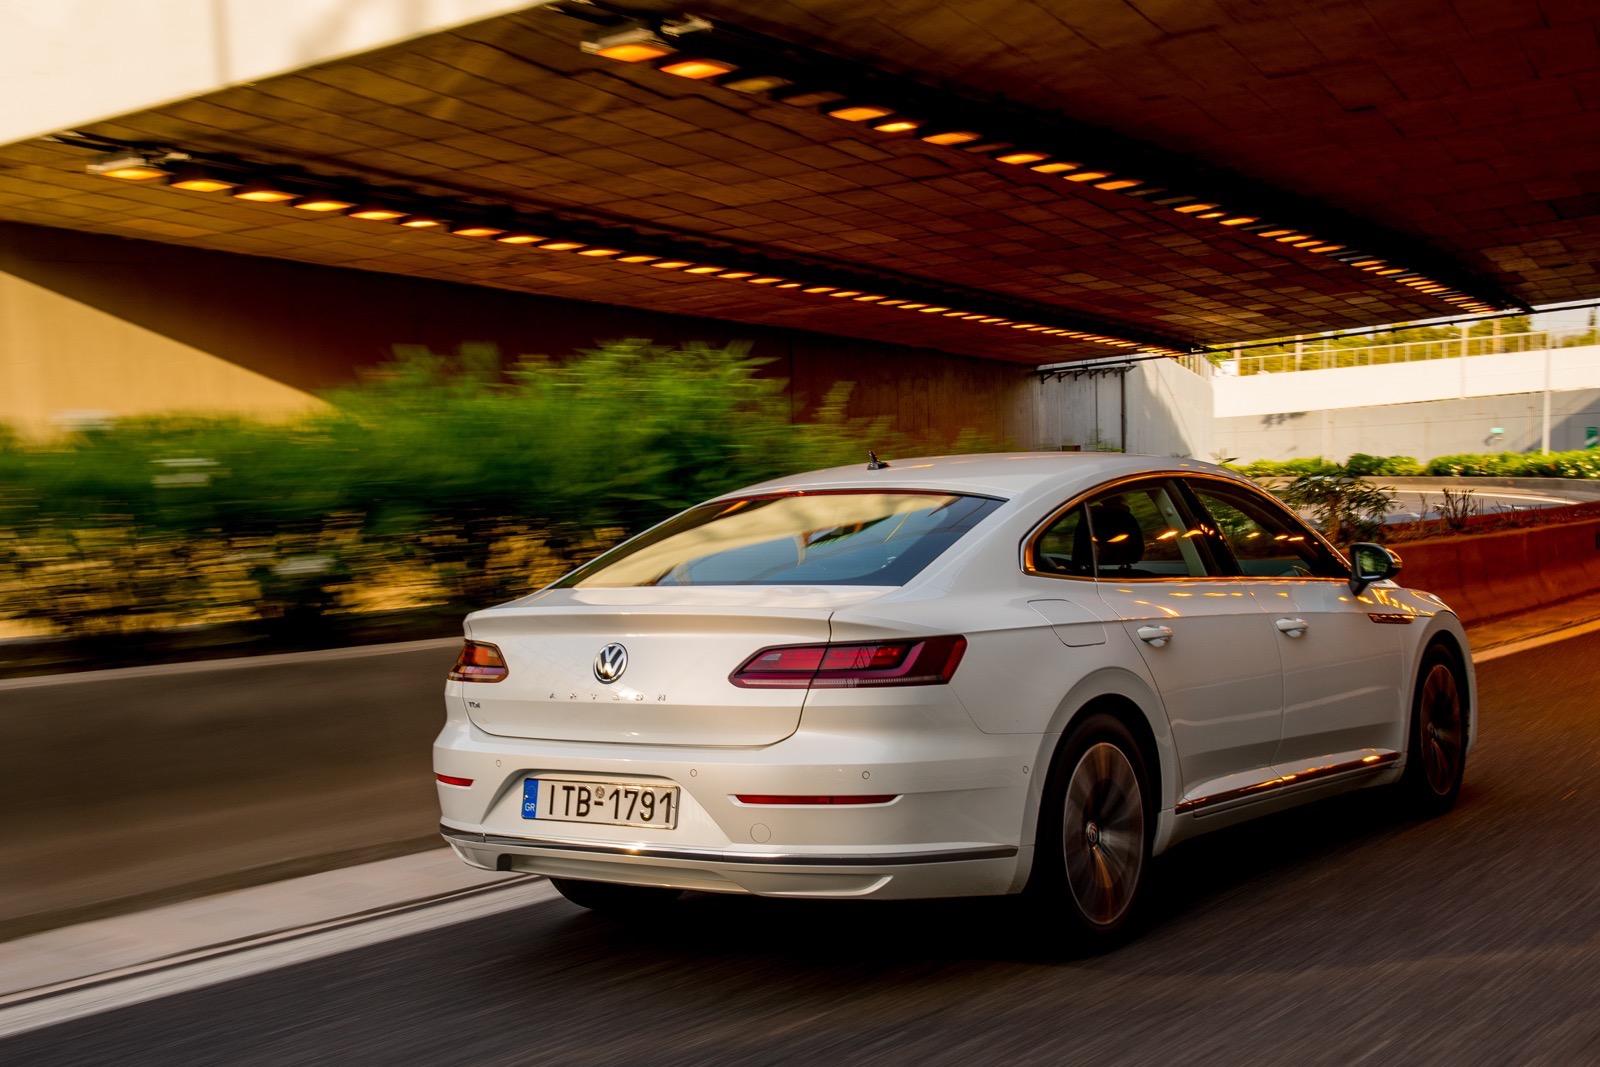 Volkswagen_Arteon_Greek_Presentataion_02